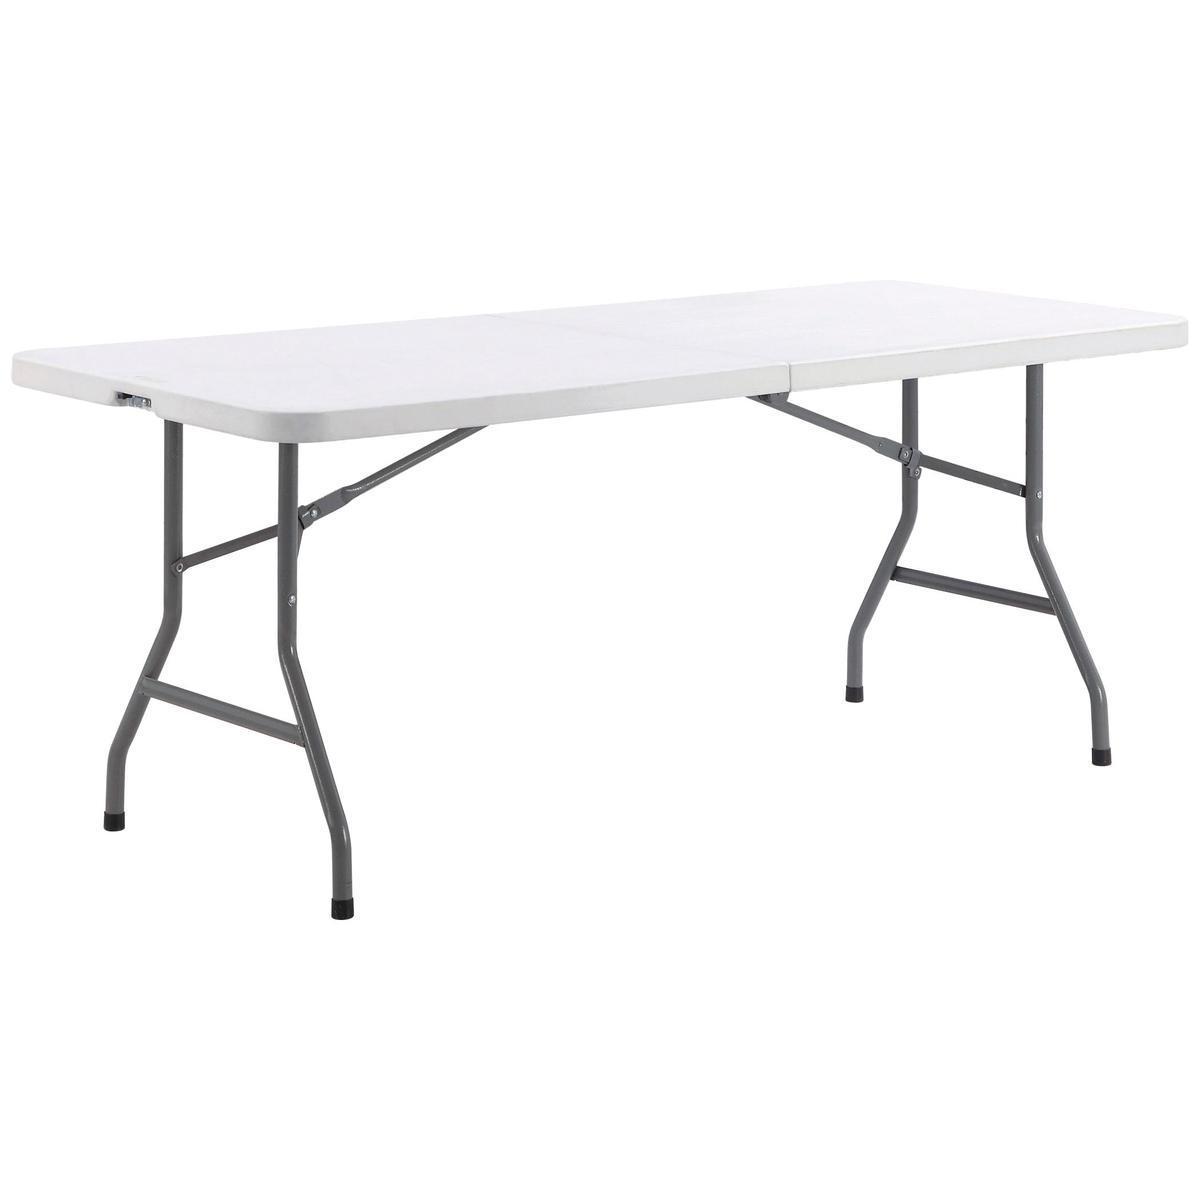 Table De Reception Party 180 X 76 X H 74 Cm Moorea Mobilier De Reception La Foir Fouille